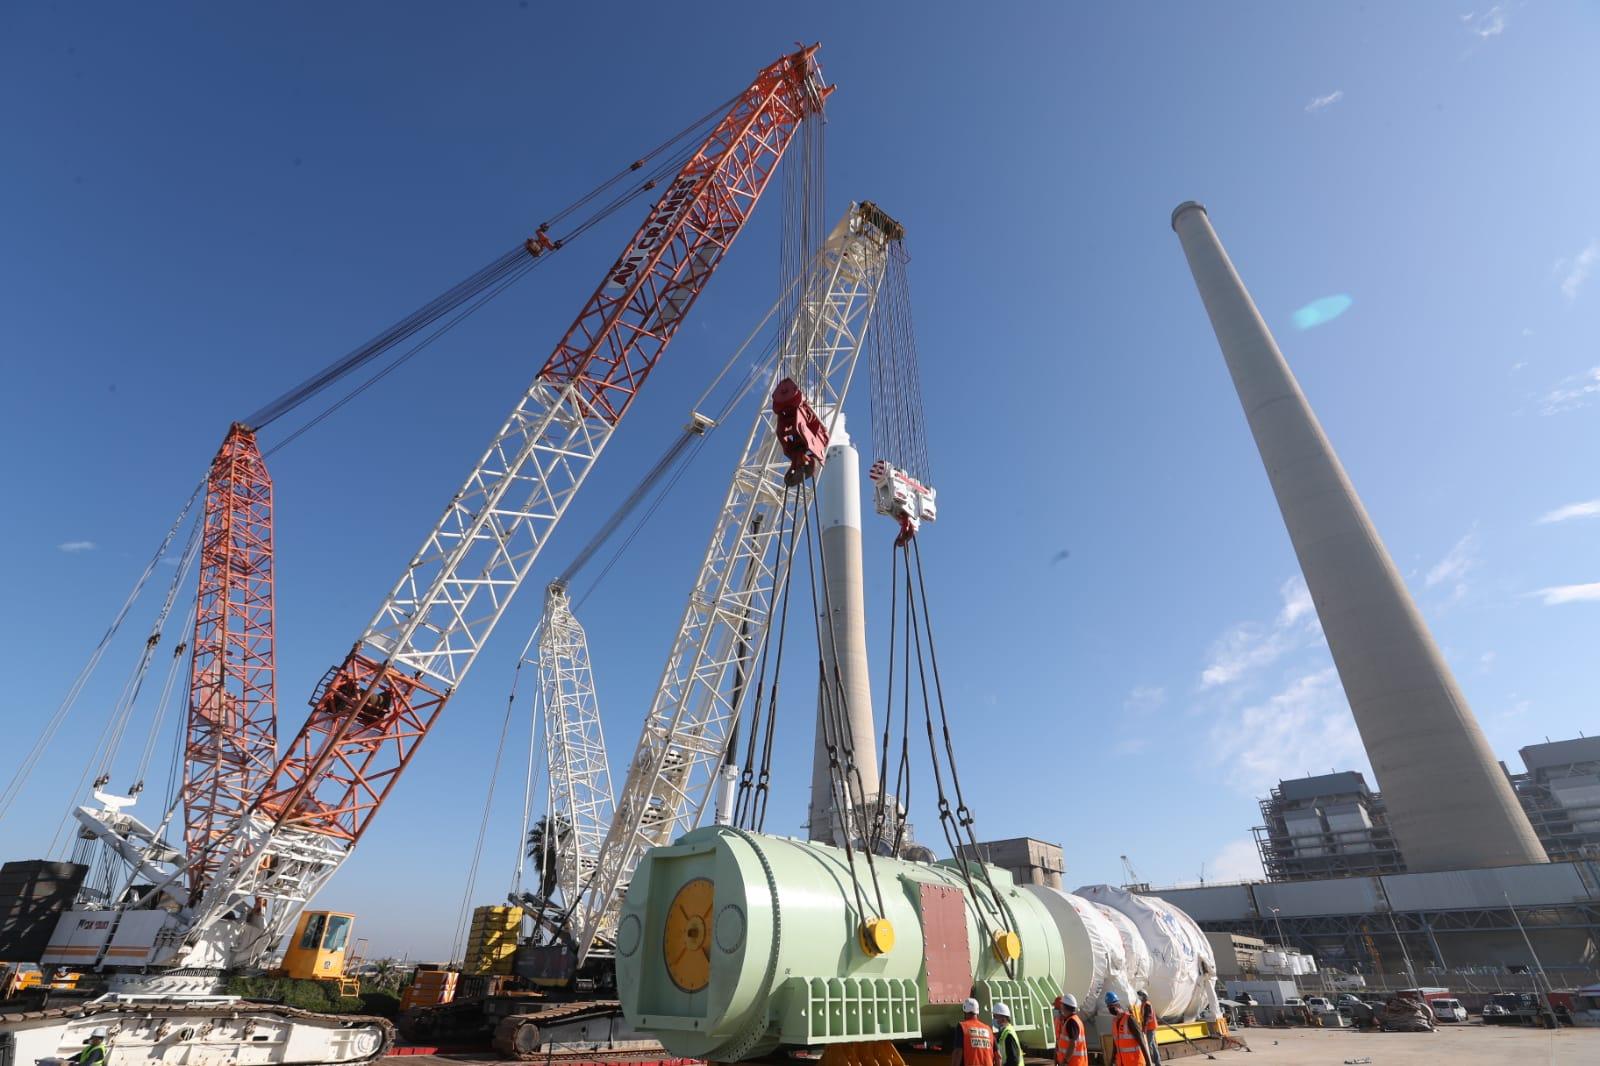 טורבינות הגז הטבעי והגנראטור הגיעו לנמלטורבינות הגז הטבעי והגנראטור הגיעו לנמל